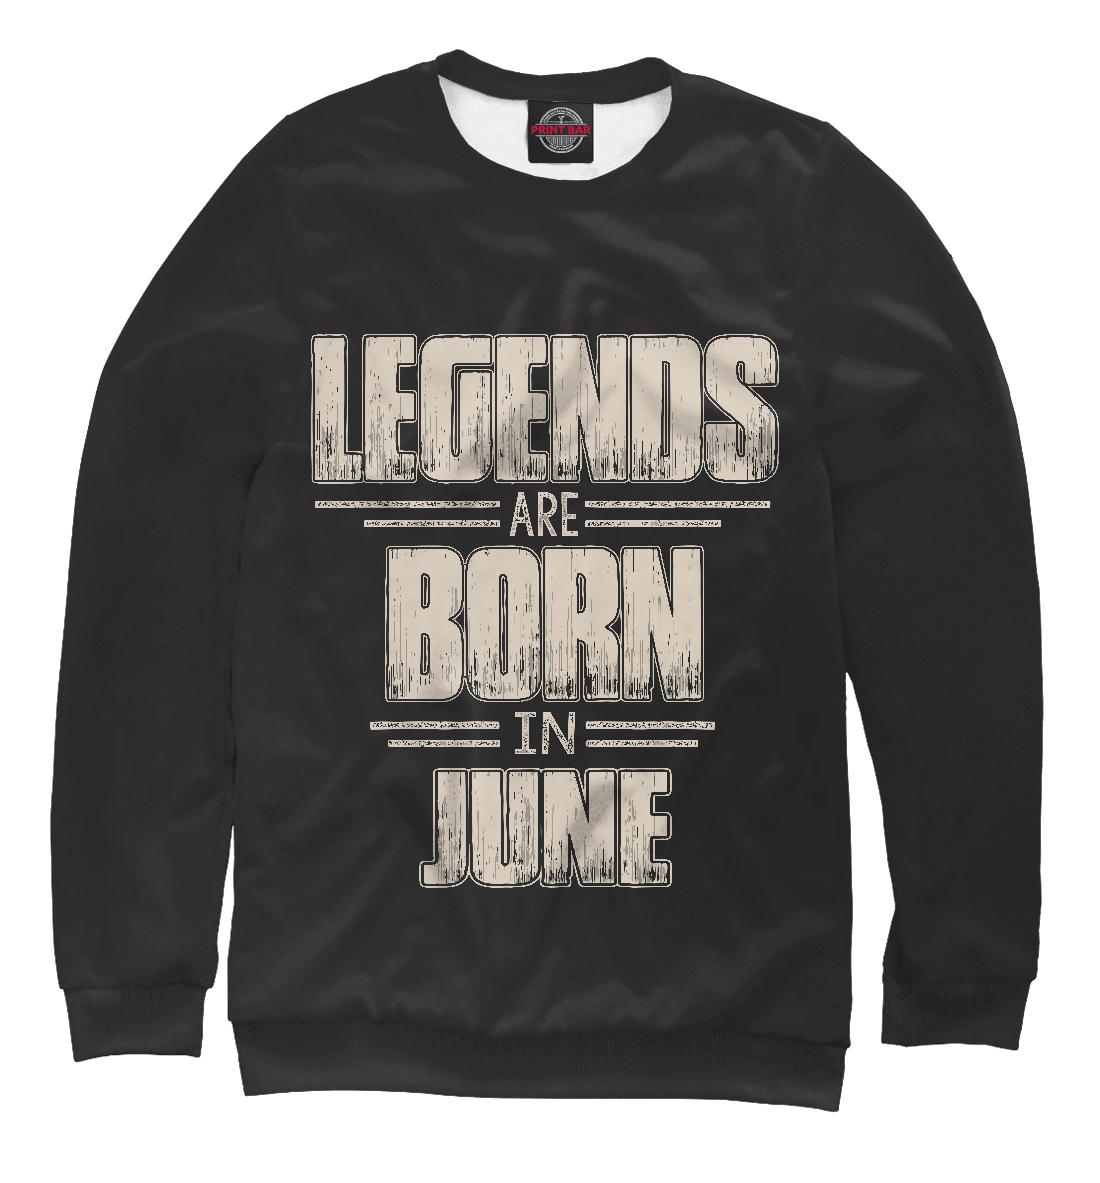 Купить Июнь - рождение легенды, Printbar, Свитшоты, RZP-671951-swi-2